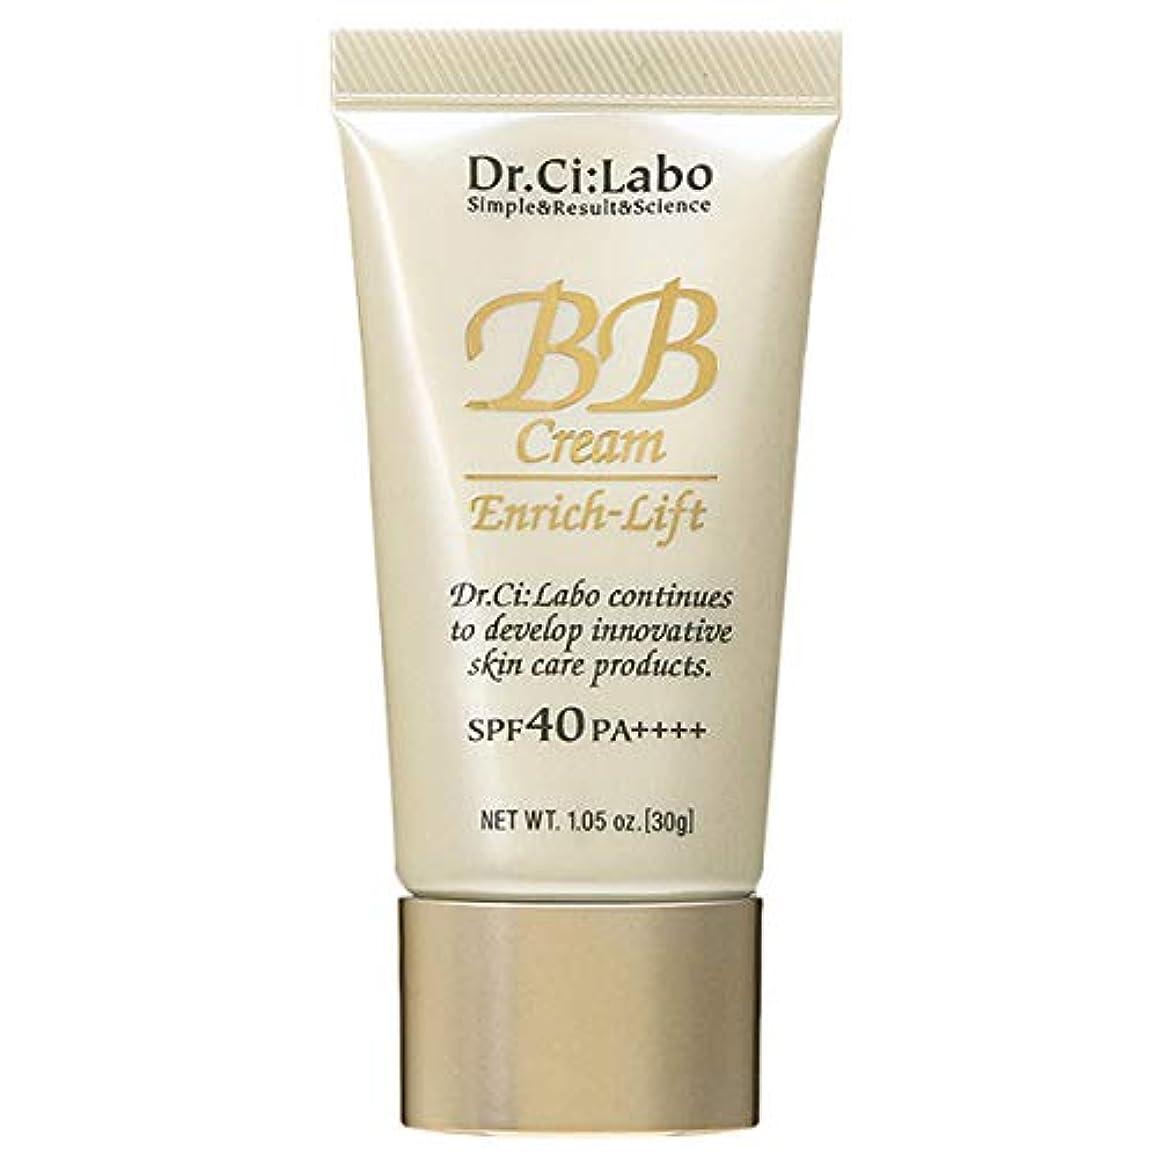 ピースシダ独裁ドクターシーラボ Dr.Ci:Labo BBクリーム エンリッチリフトLN18 SPF40 PA++++ 30g